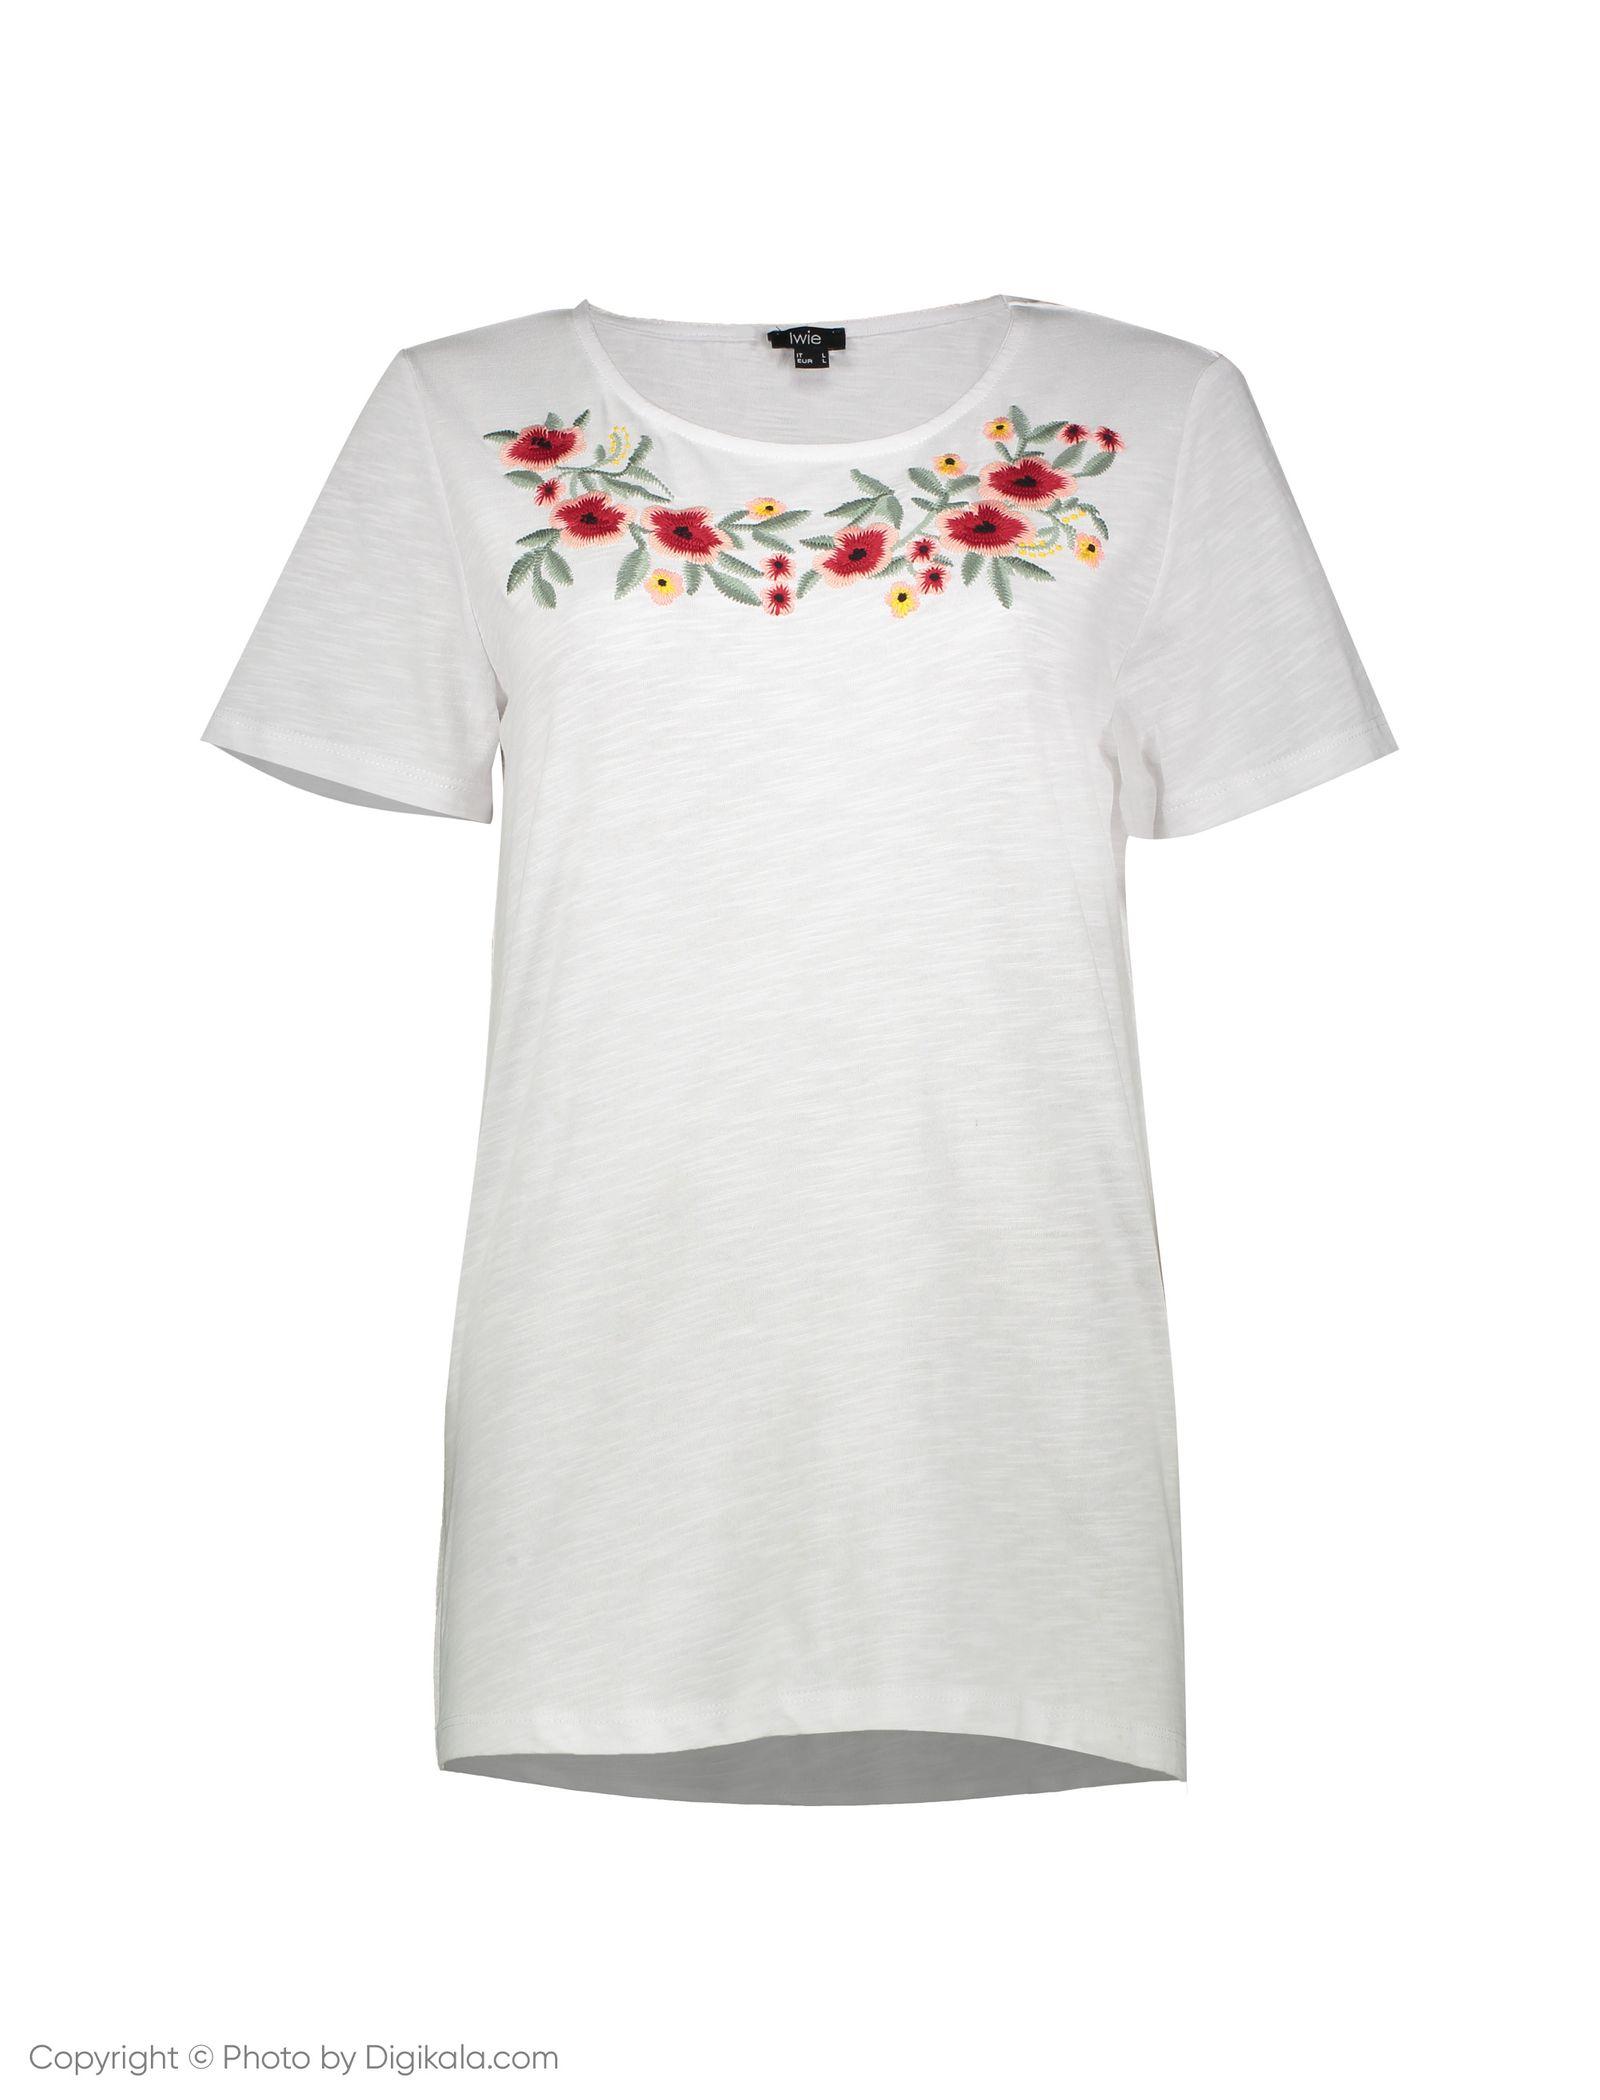 تی شرت زنانه یوپیم مدل 5132395 -  - 1